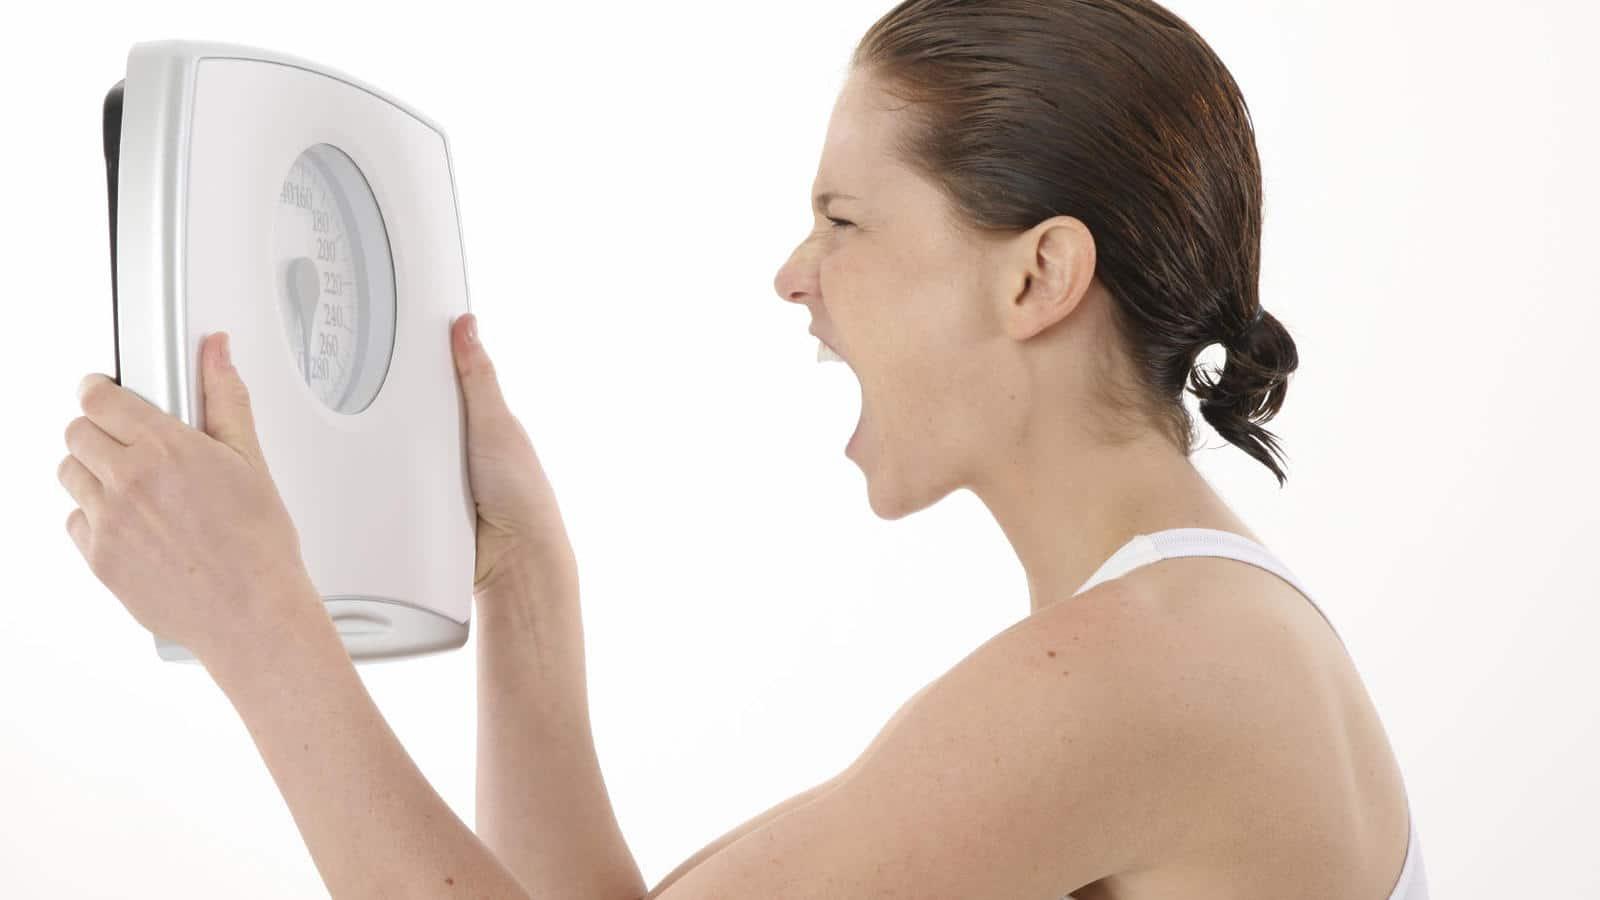 pastillas para bajar de peso sin rebote y sin receta